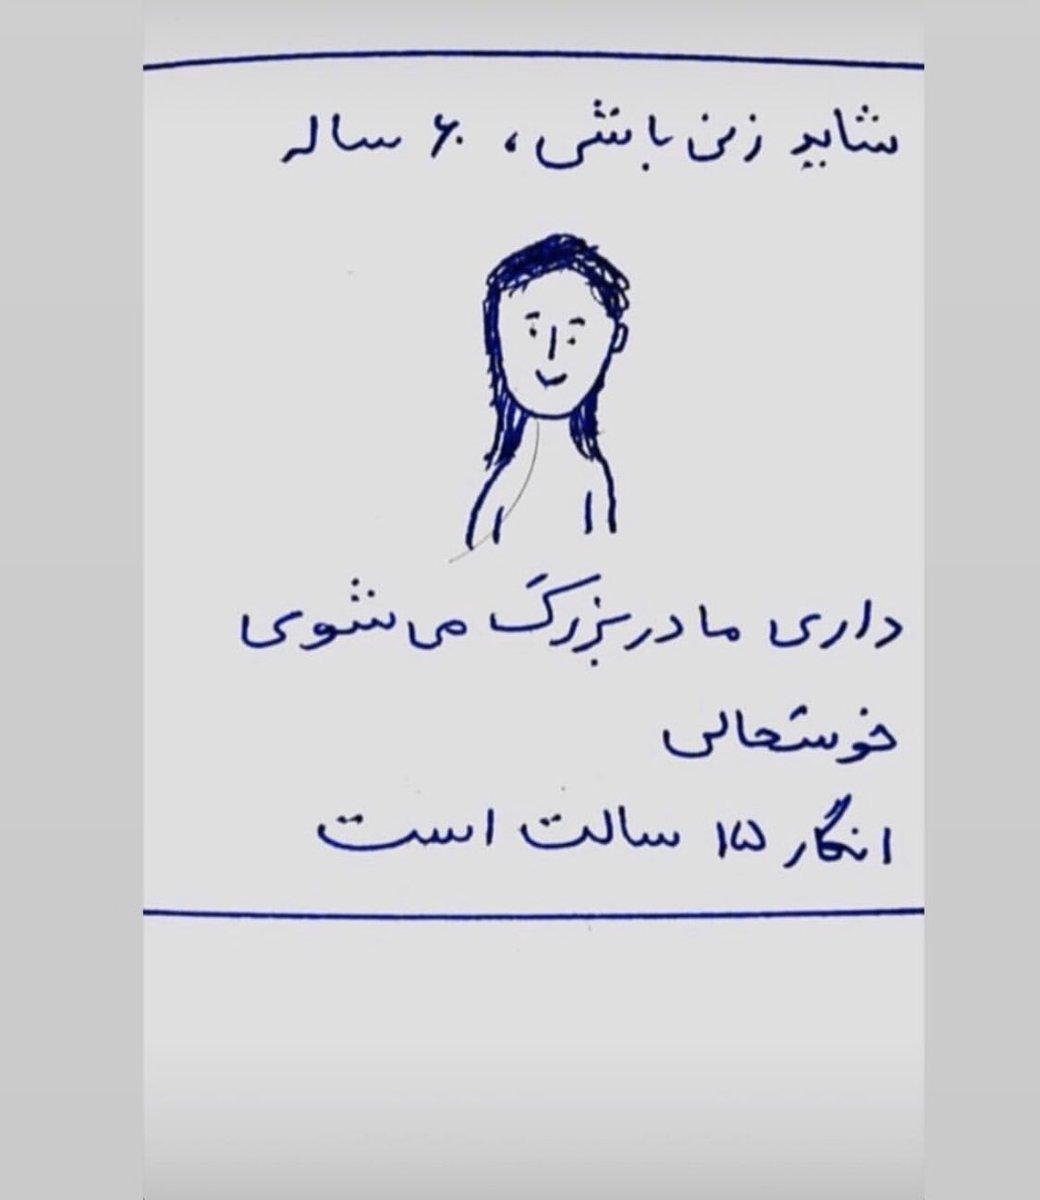 برای گلوله اهمیتی نداردآنقدر میشکافد تا مطمئن شود....😢🕊✌🏻#IranProtests #EyesOnIran